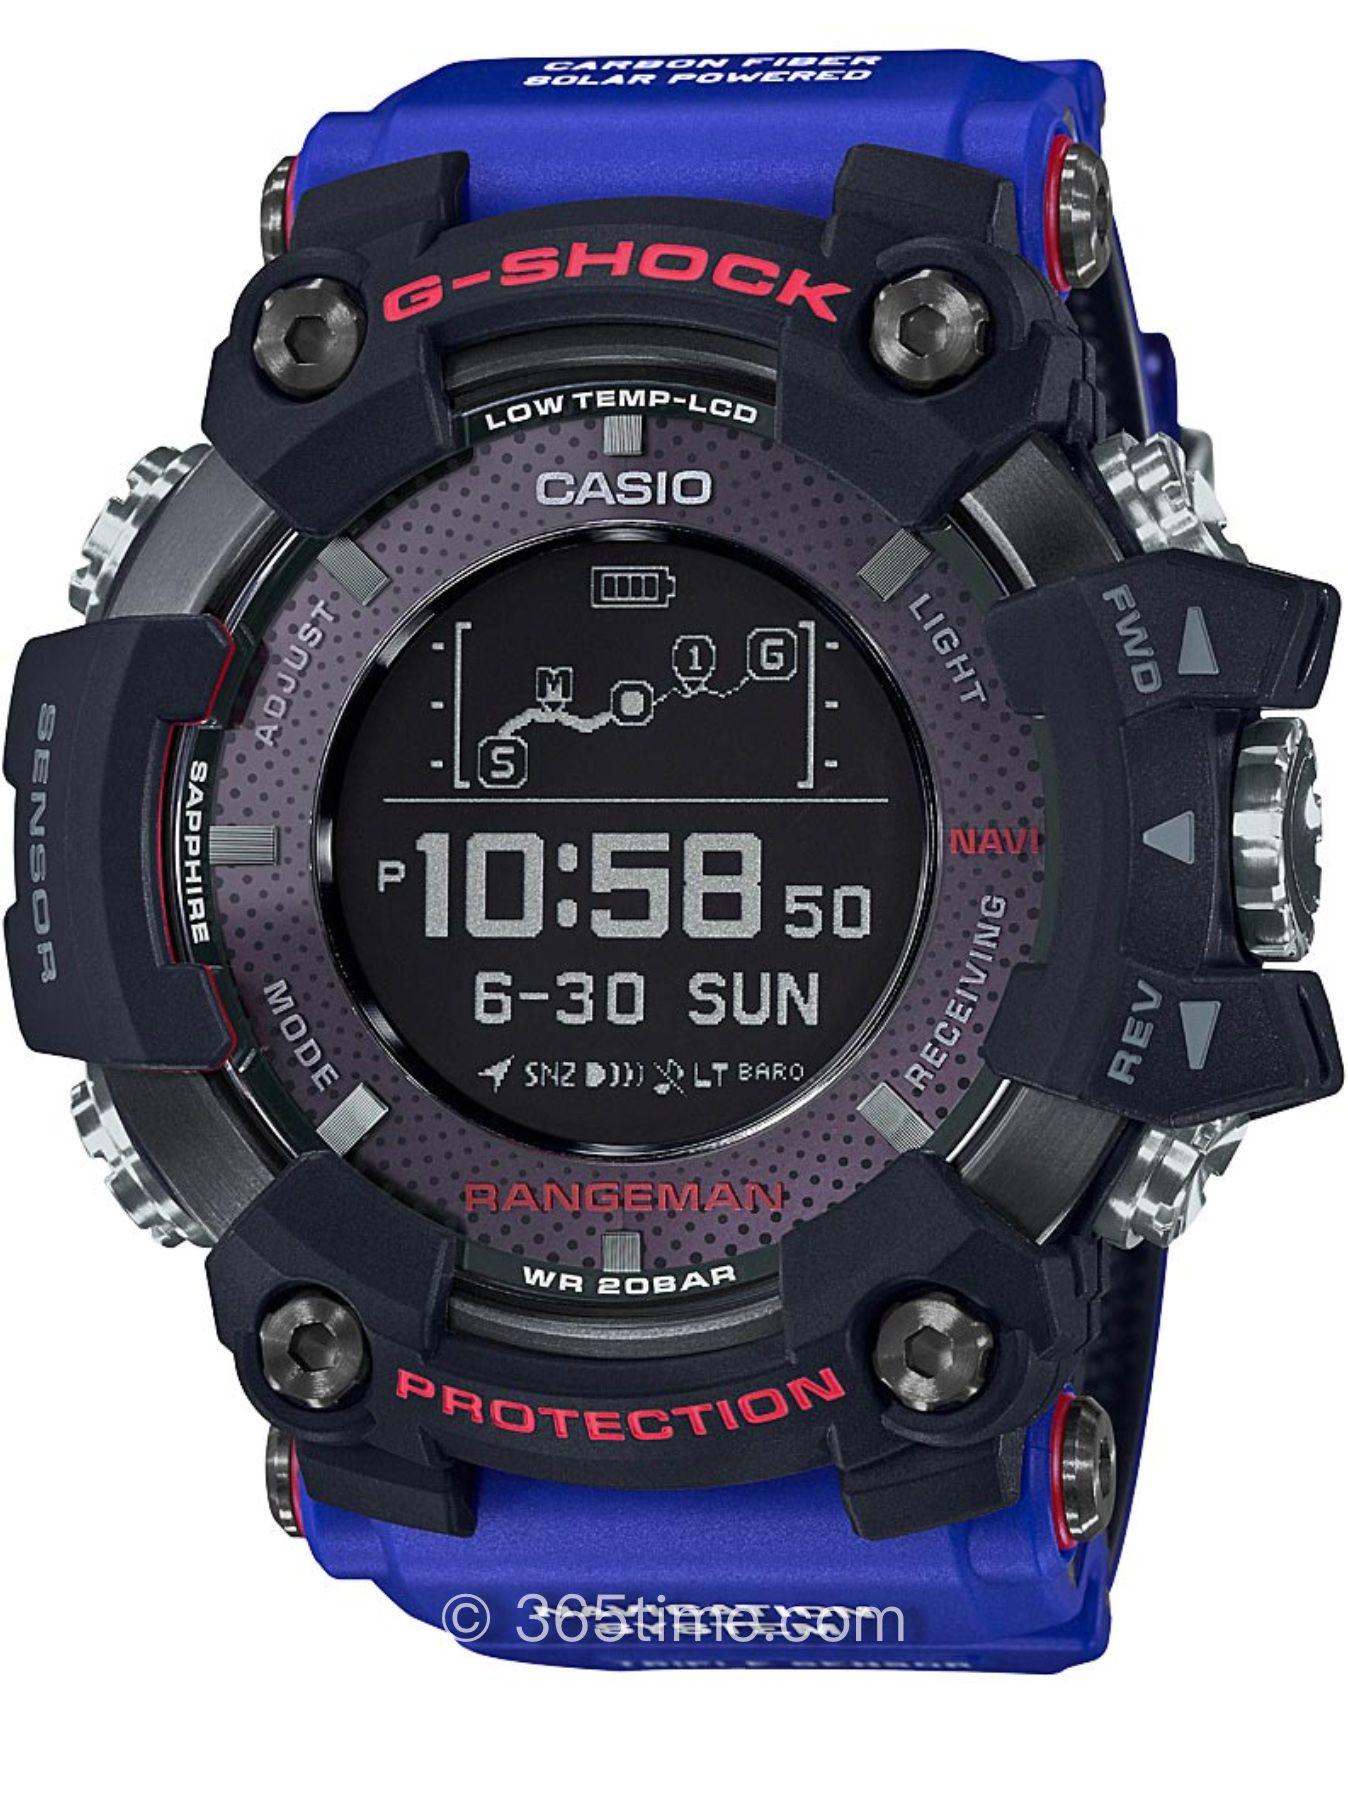 卡西欧G-SHOCK推出达喀尔冠军限量联名表款GPR-B1000TLC-1